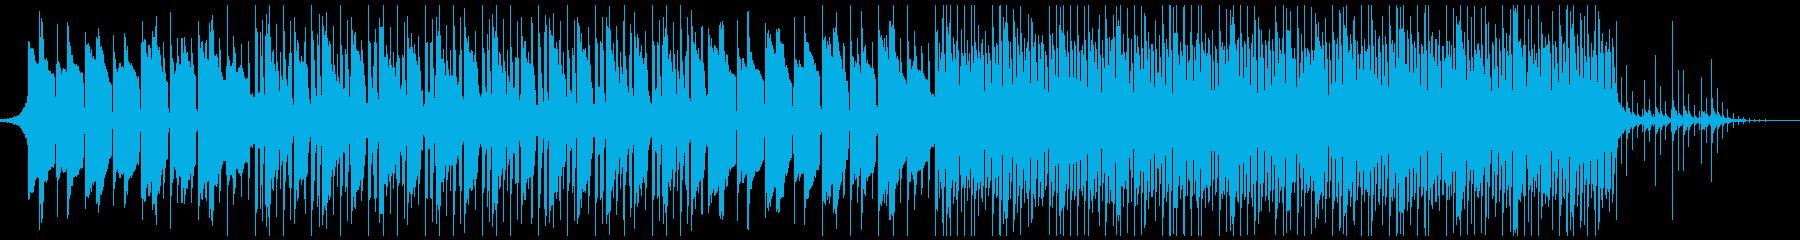 企業VP、ピアノ、4つ打ち、No.4-4の再生済みの波形